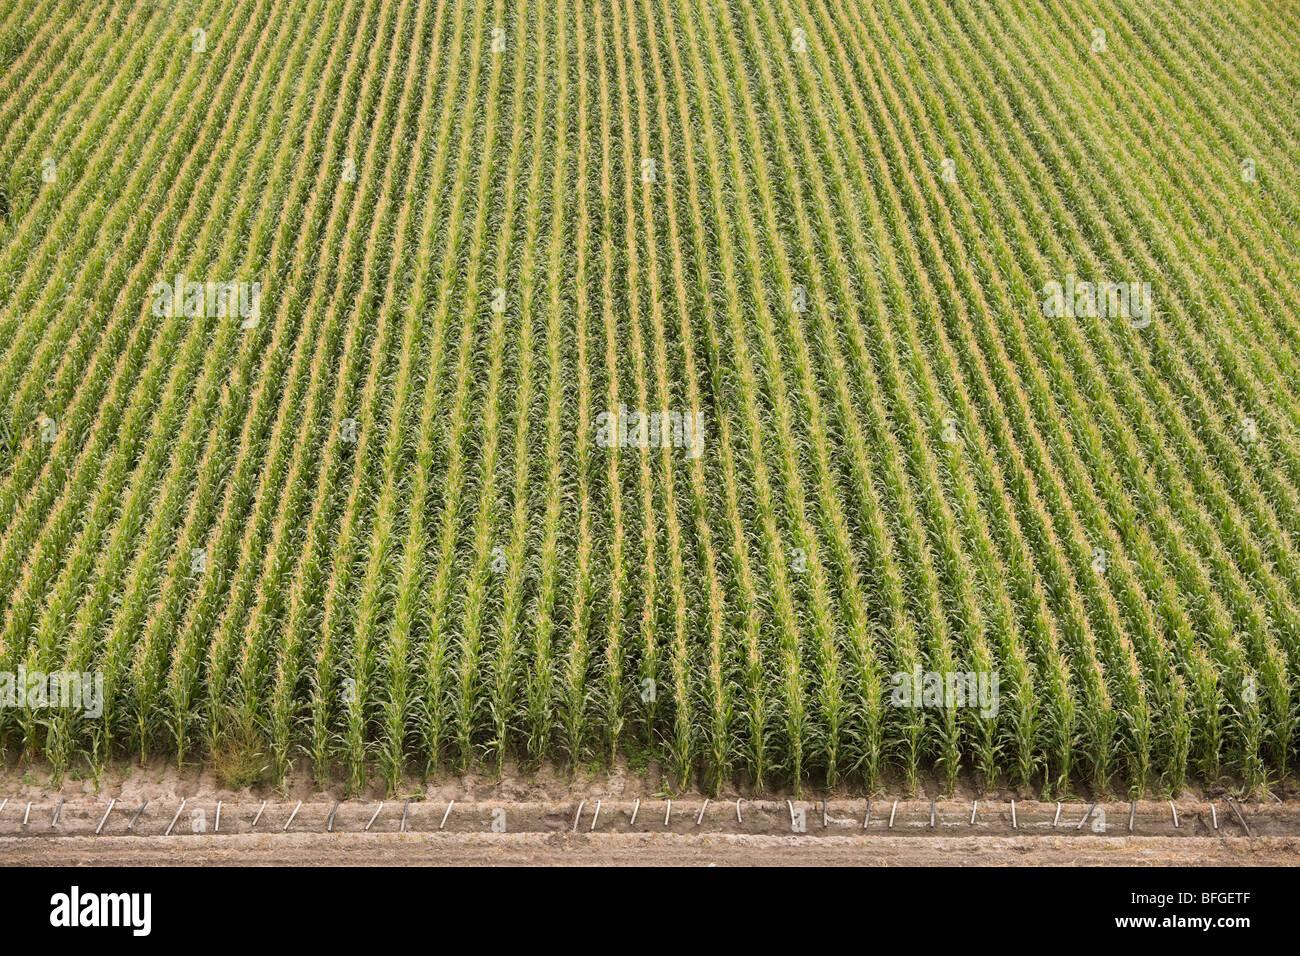 Vista aerea di un mais americano campo di mais con irrigazione in estate. North Platte, Nebraska, NE SIAMO STATI Immagini Stock